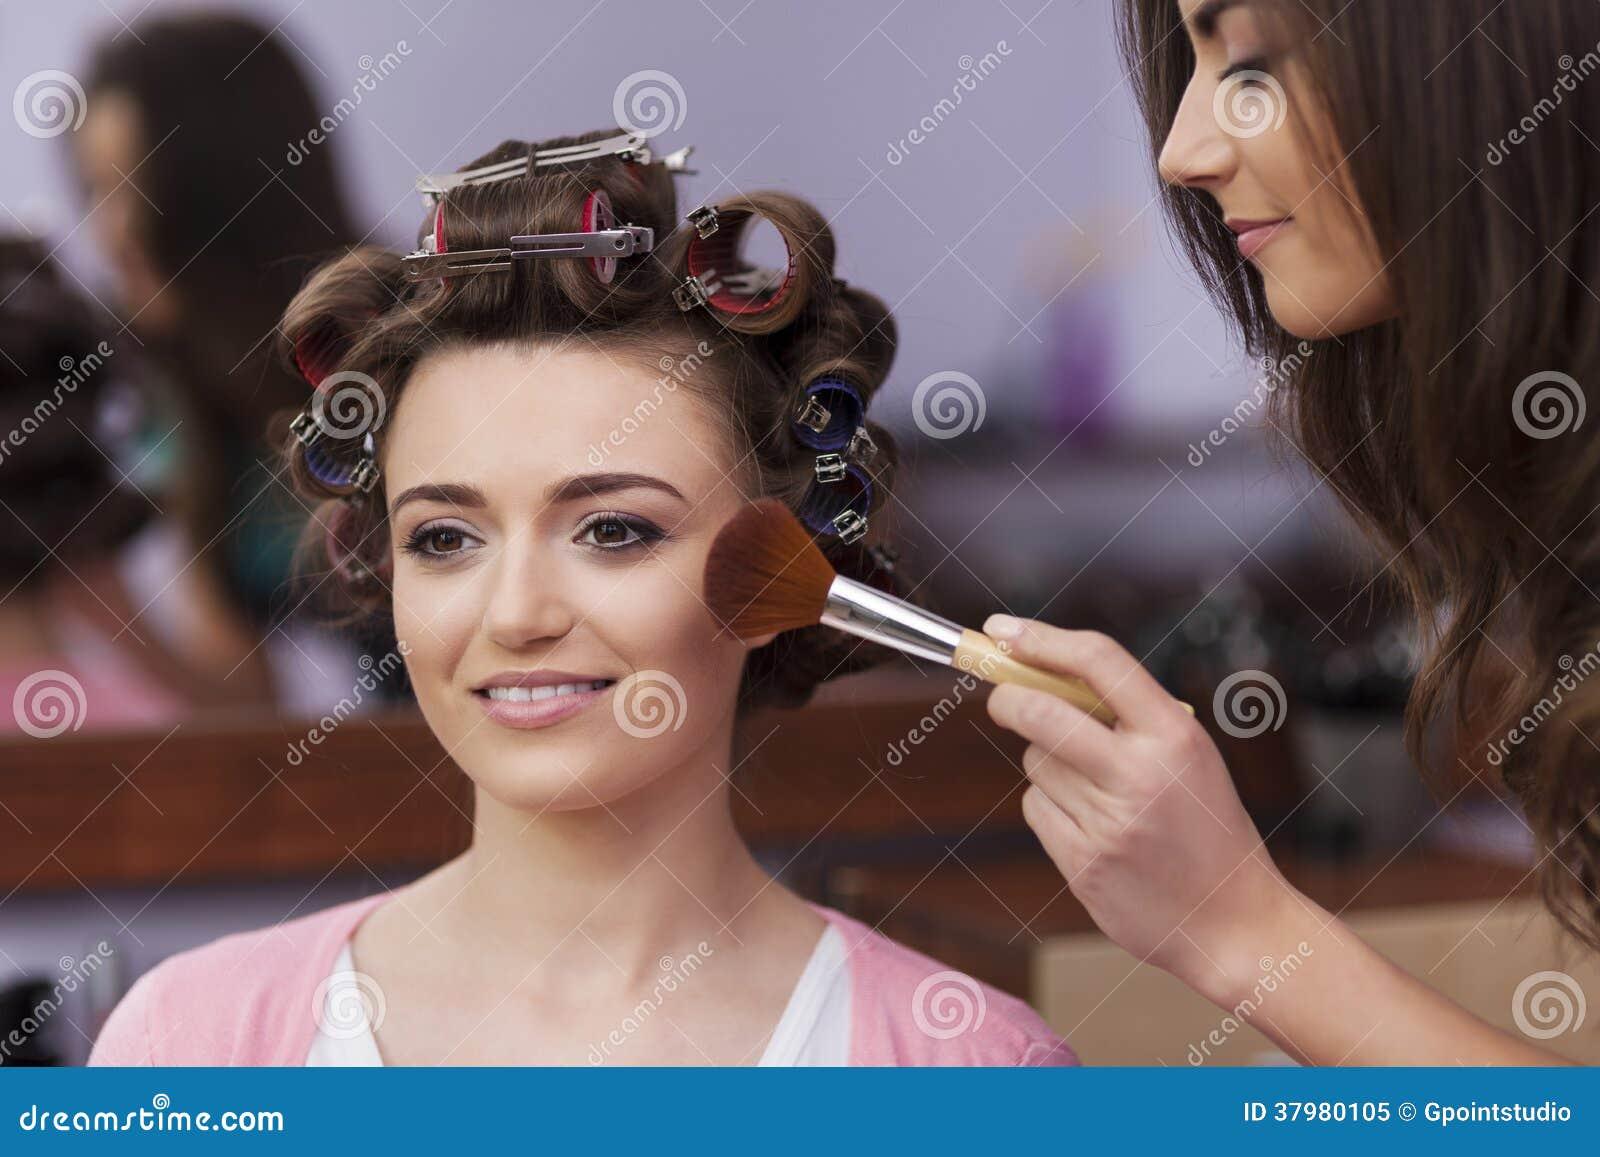 Женщина с визажистом